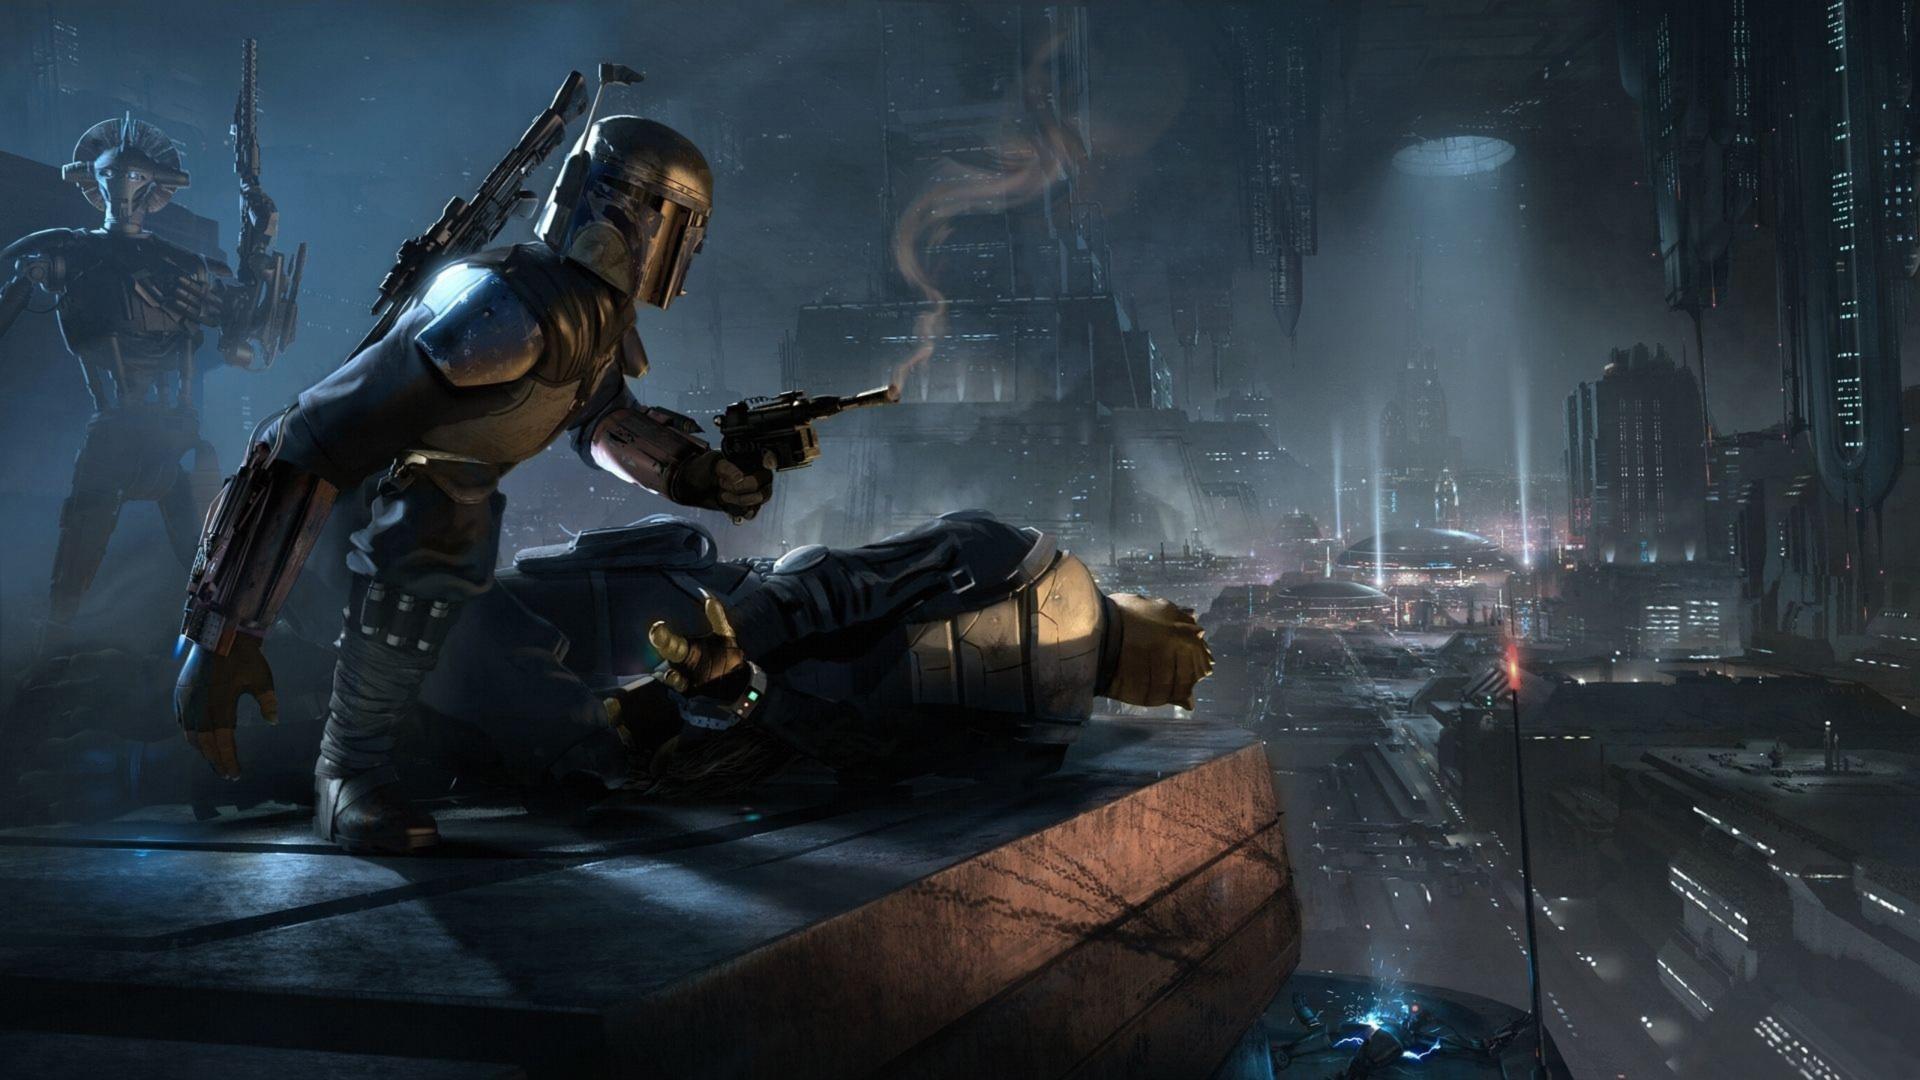 Инсайдер: Lucasfilm решили возродить Star Wars 1313